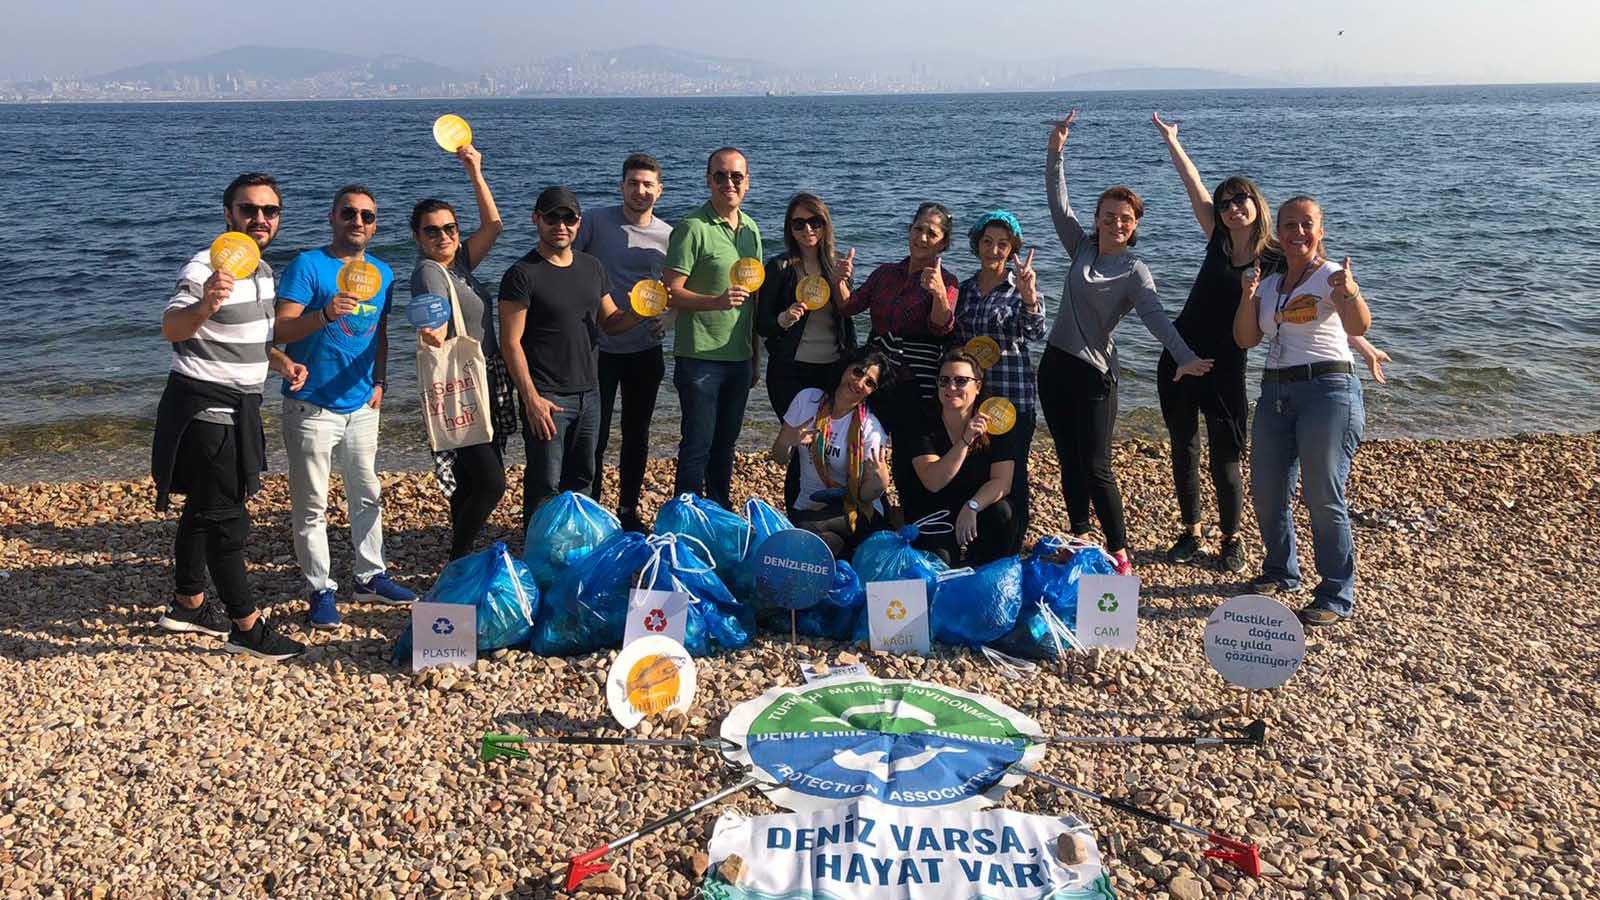 Fenerbahçe çalışanları olarak sosyal sorumluluk her zaman odağımızda